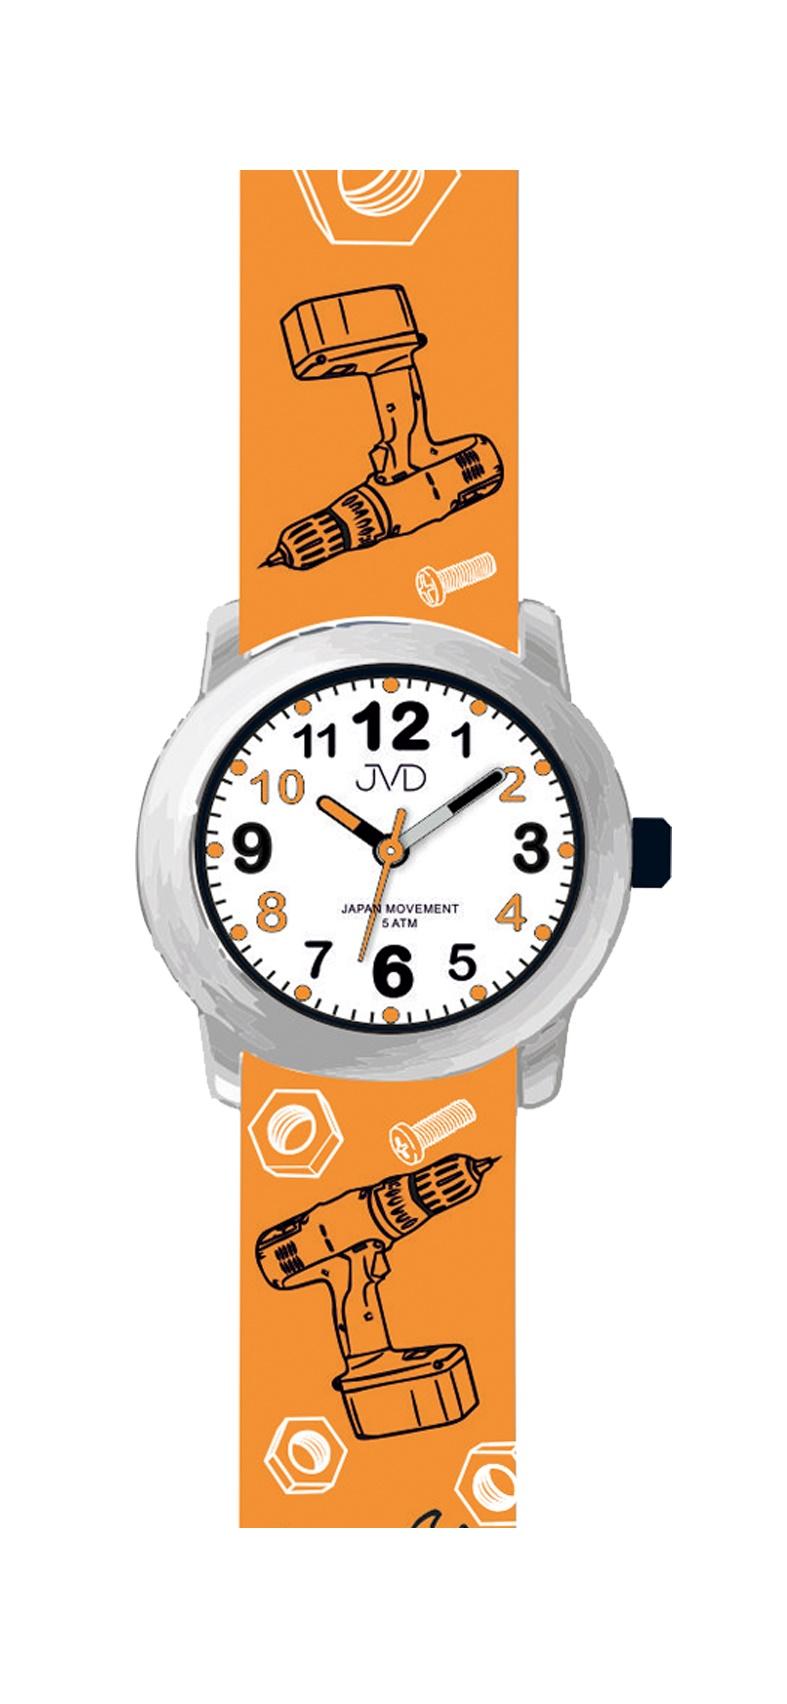 Dětské náramkové hodinky JVD J7175.1 pro dětské kutily (motivy nářadí, šroubů a matek na řemínku)